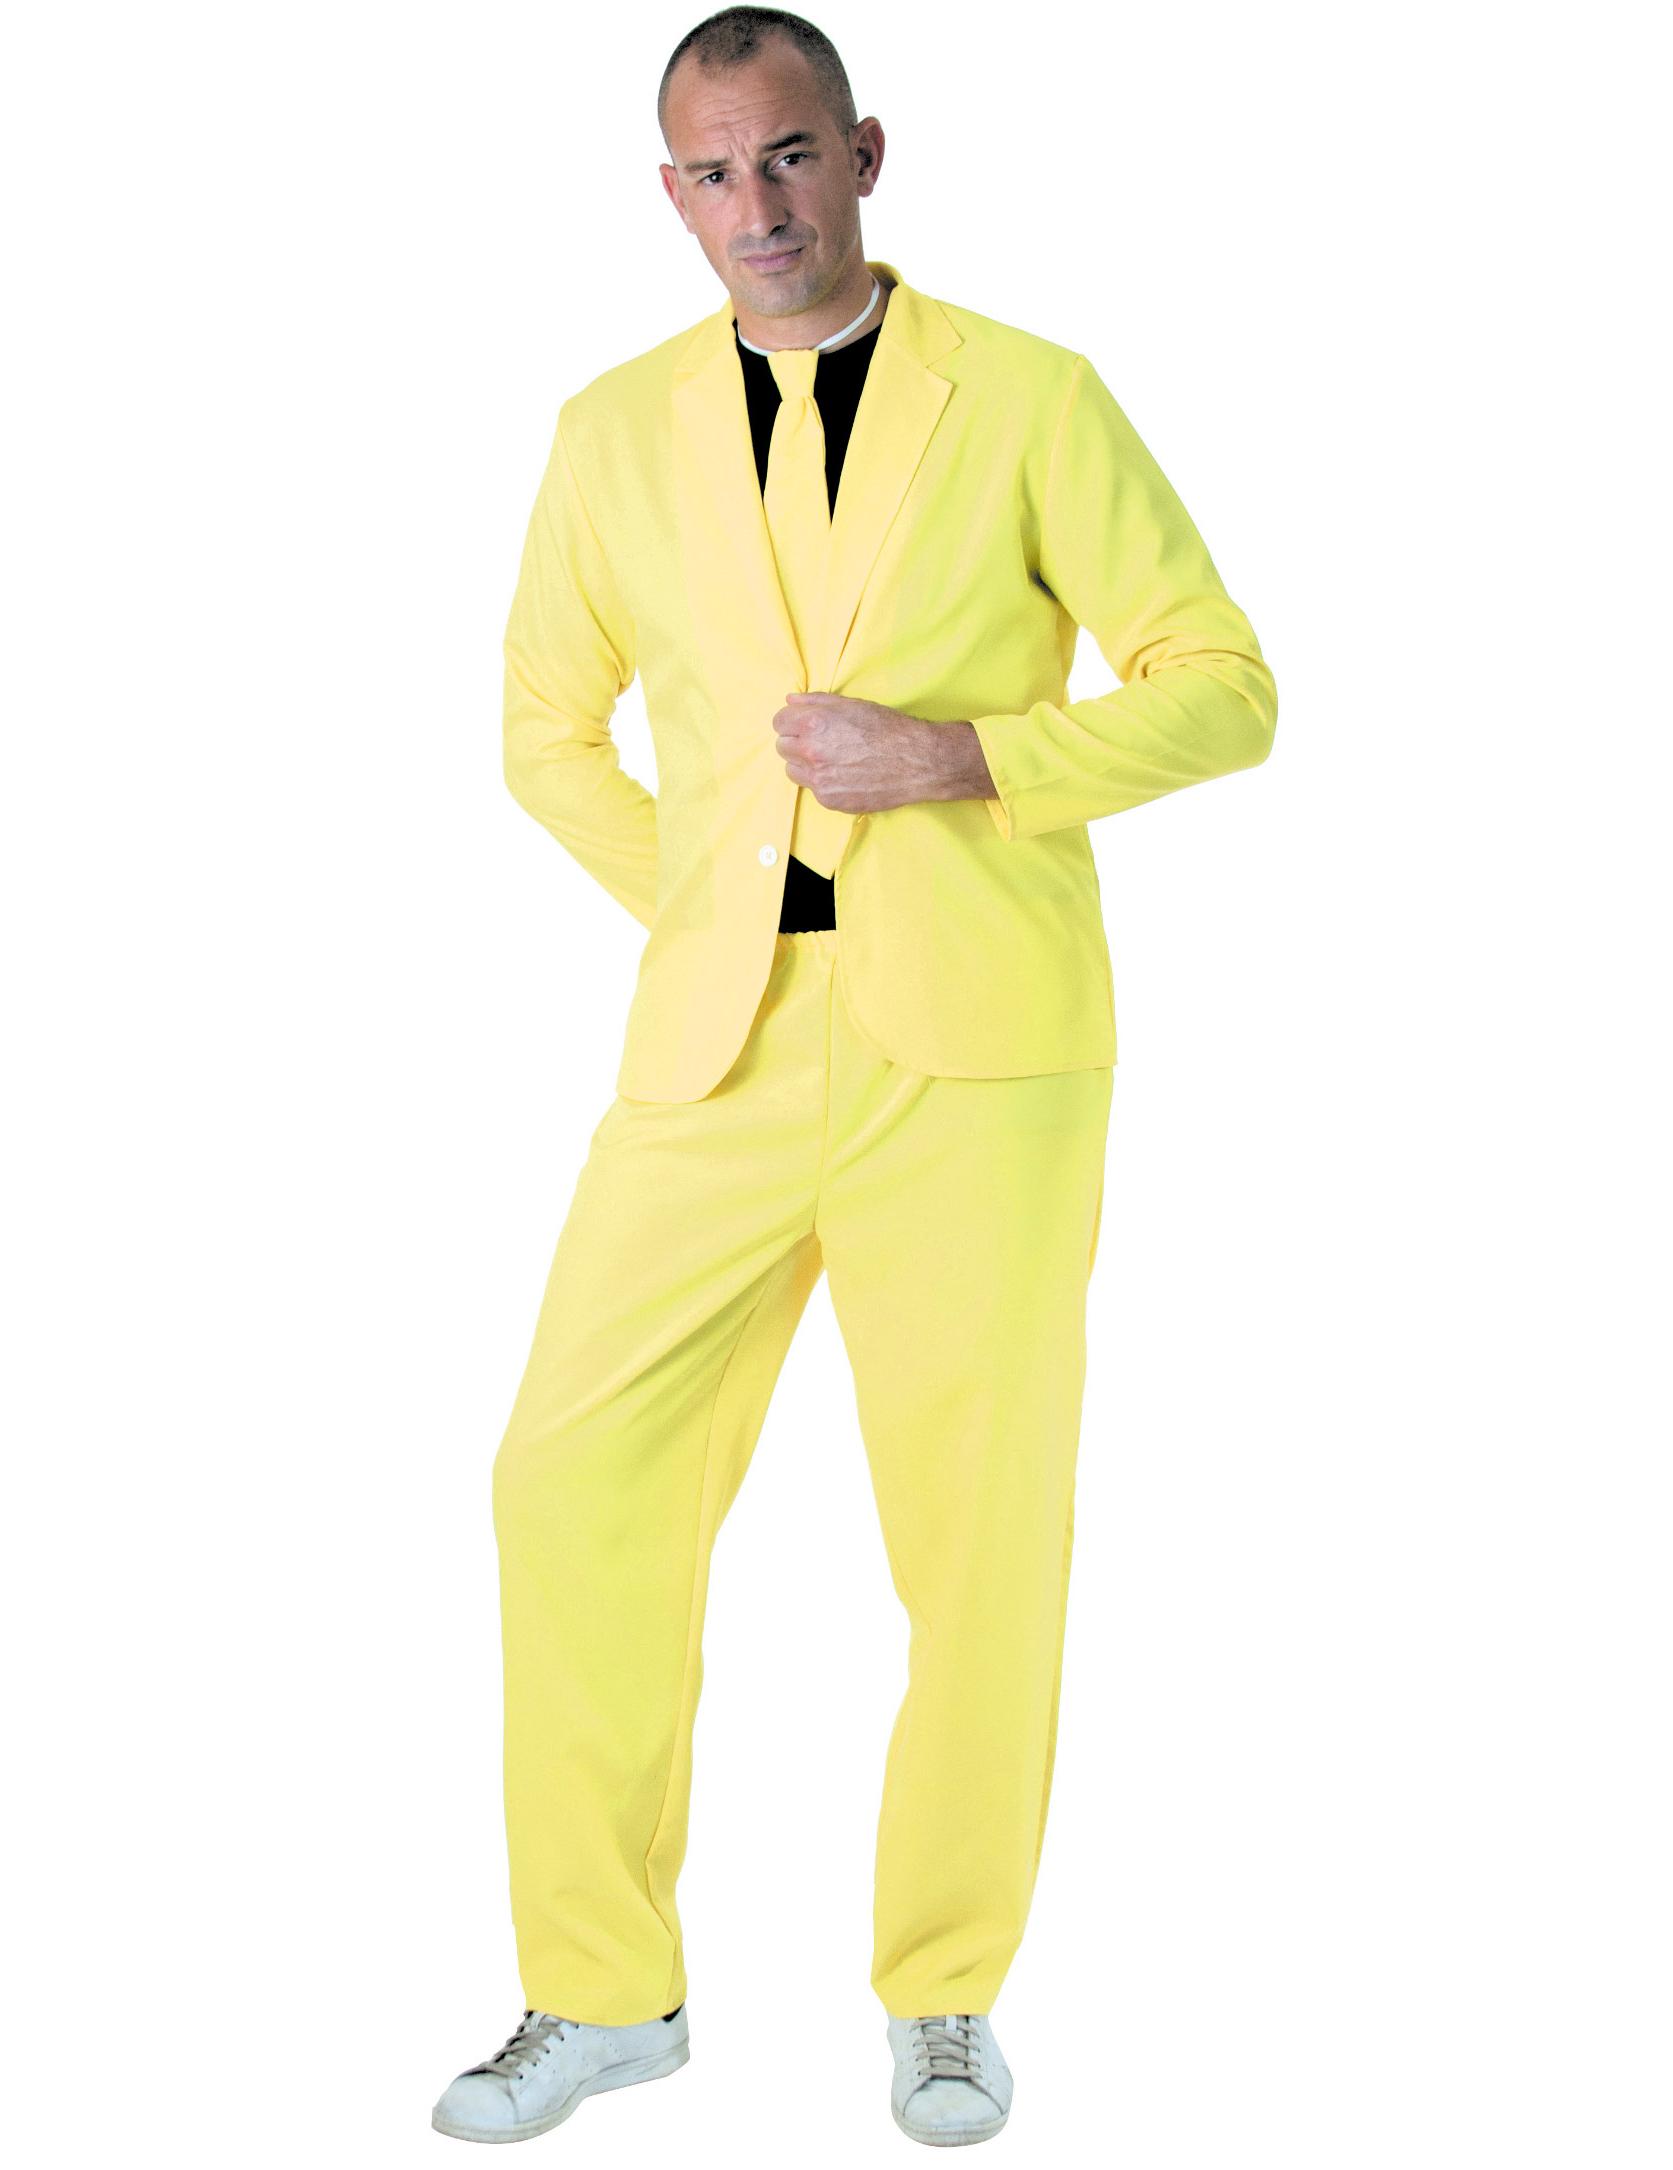 Adulto y Fahion Traje Fluo Amarillo Adultos Disfraces StwTnqx